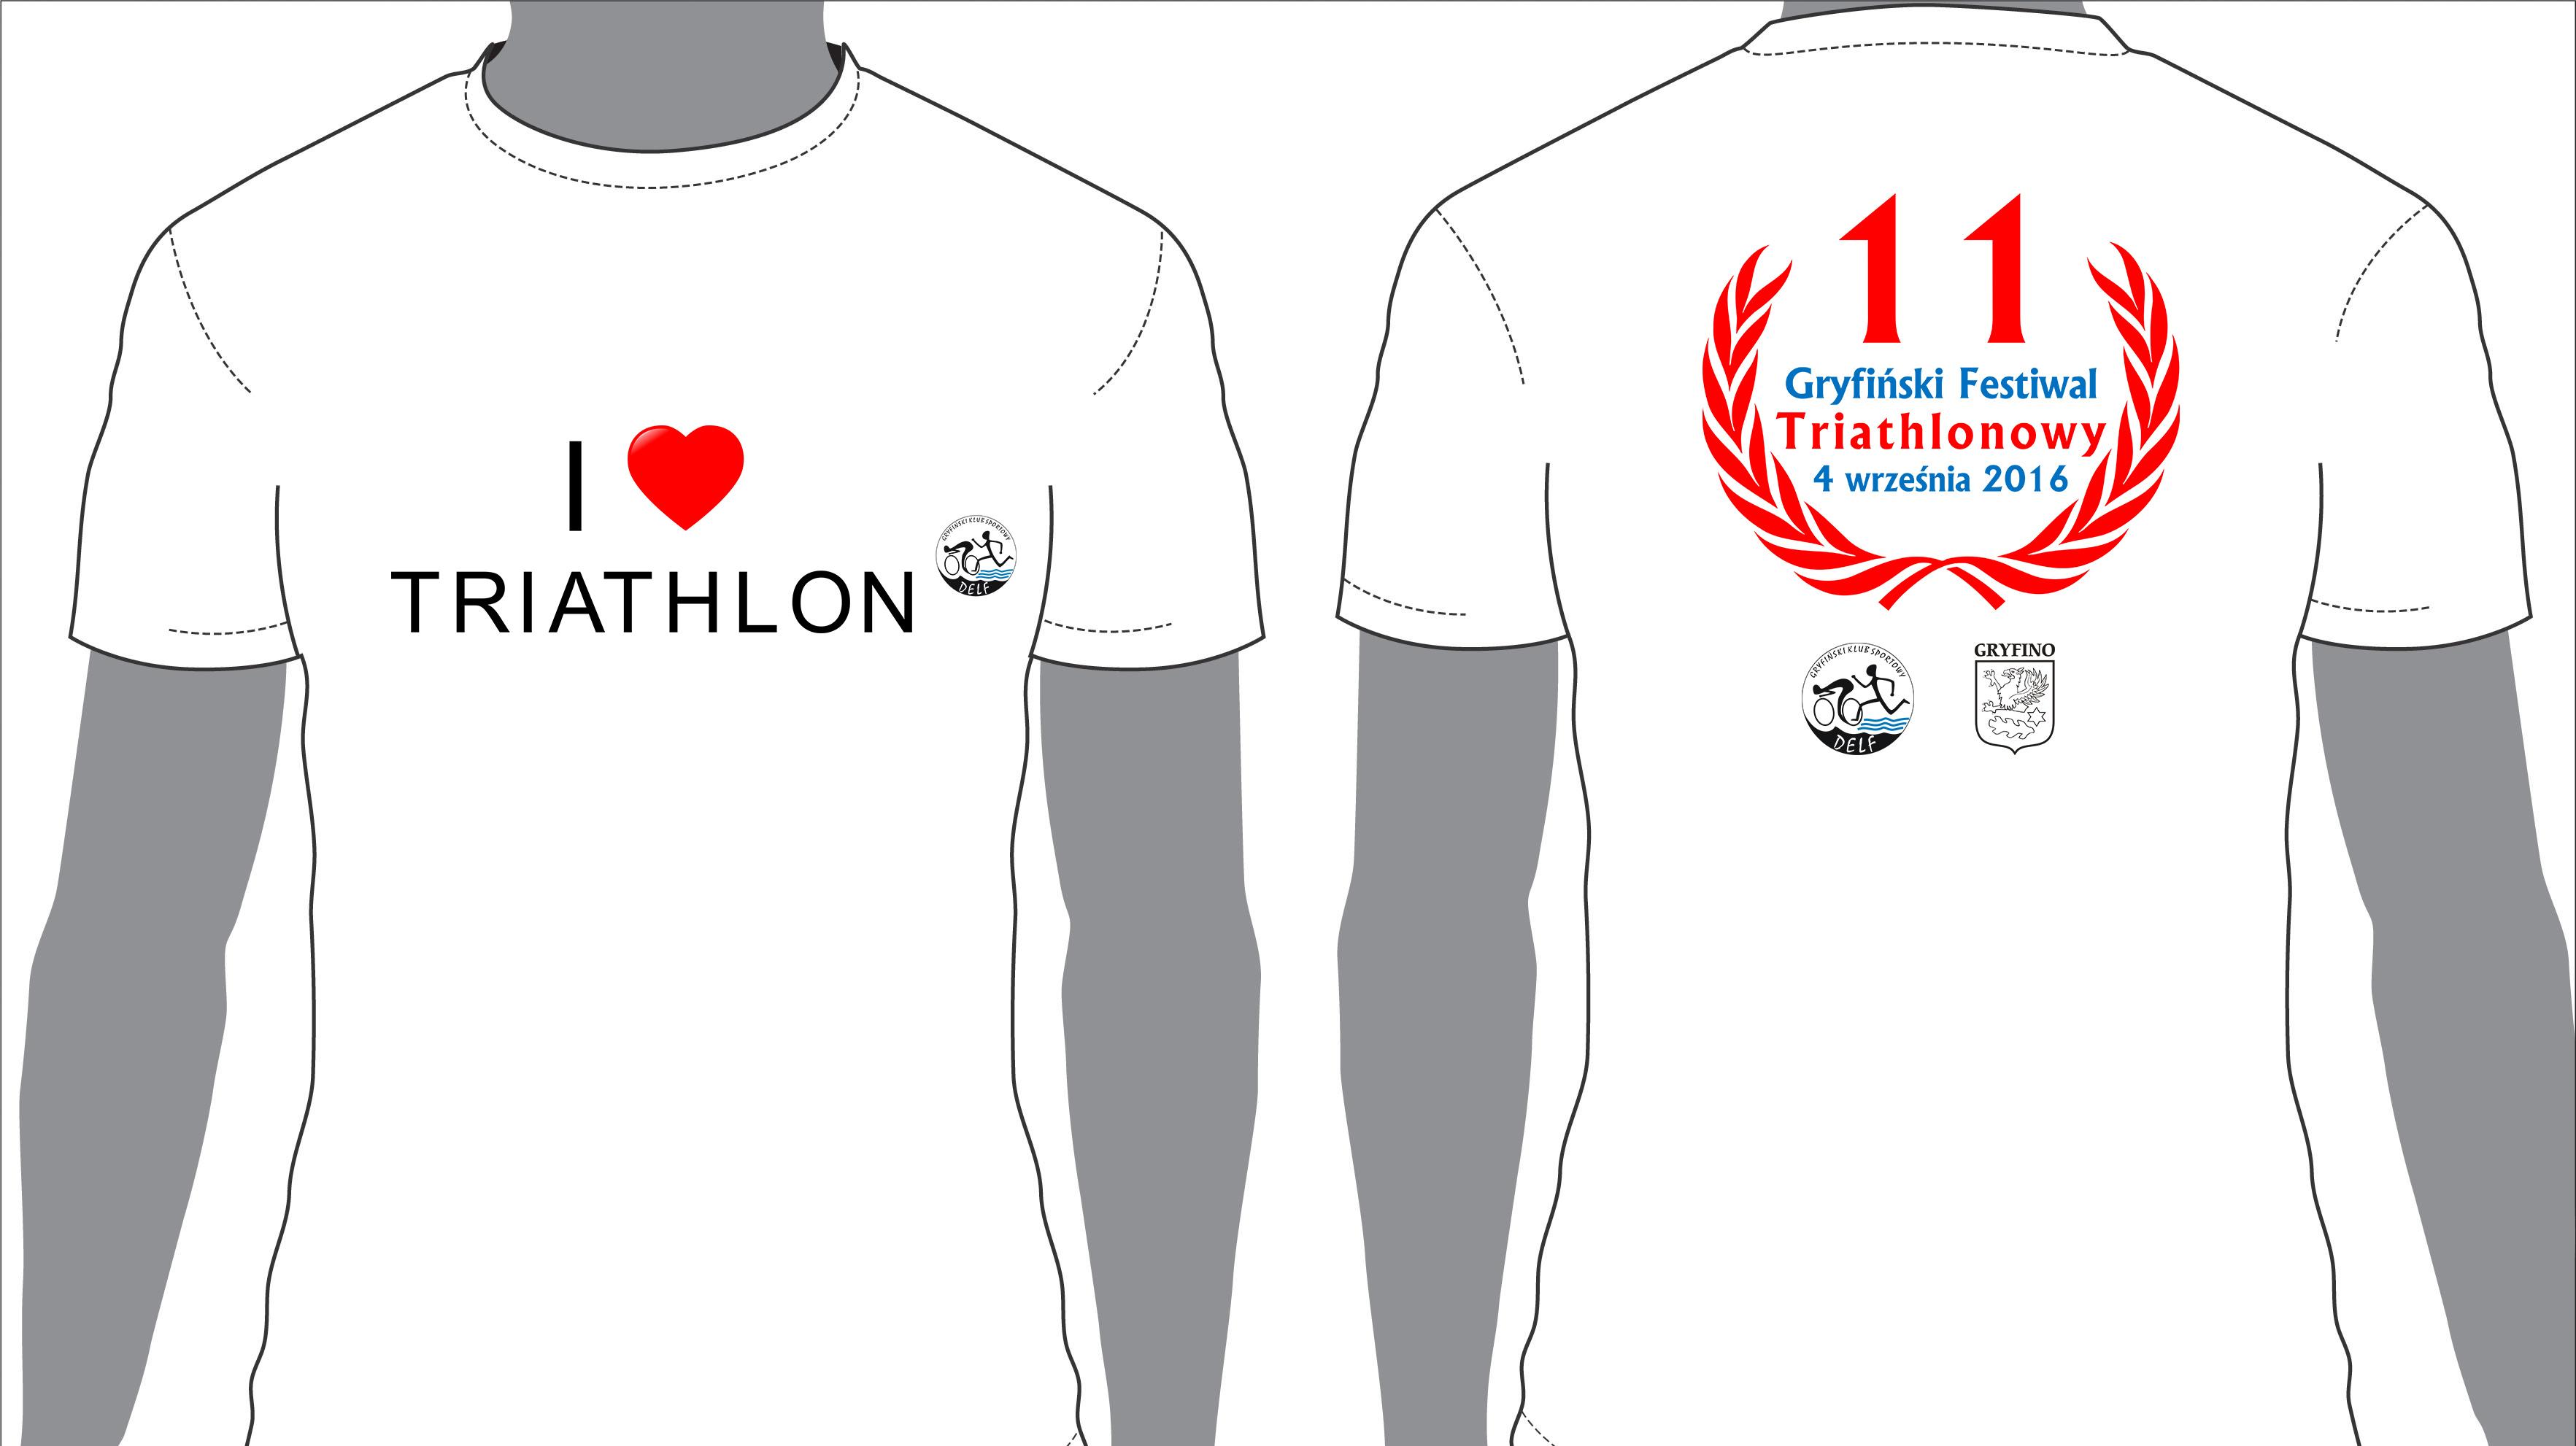 Koszulka festiwalowa 2016 - 11 Gryfińskiego Festiwalu Triathlonowego